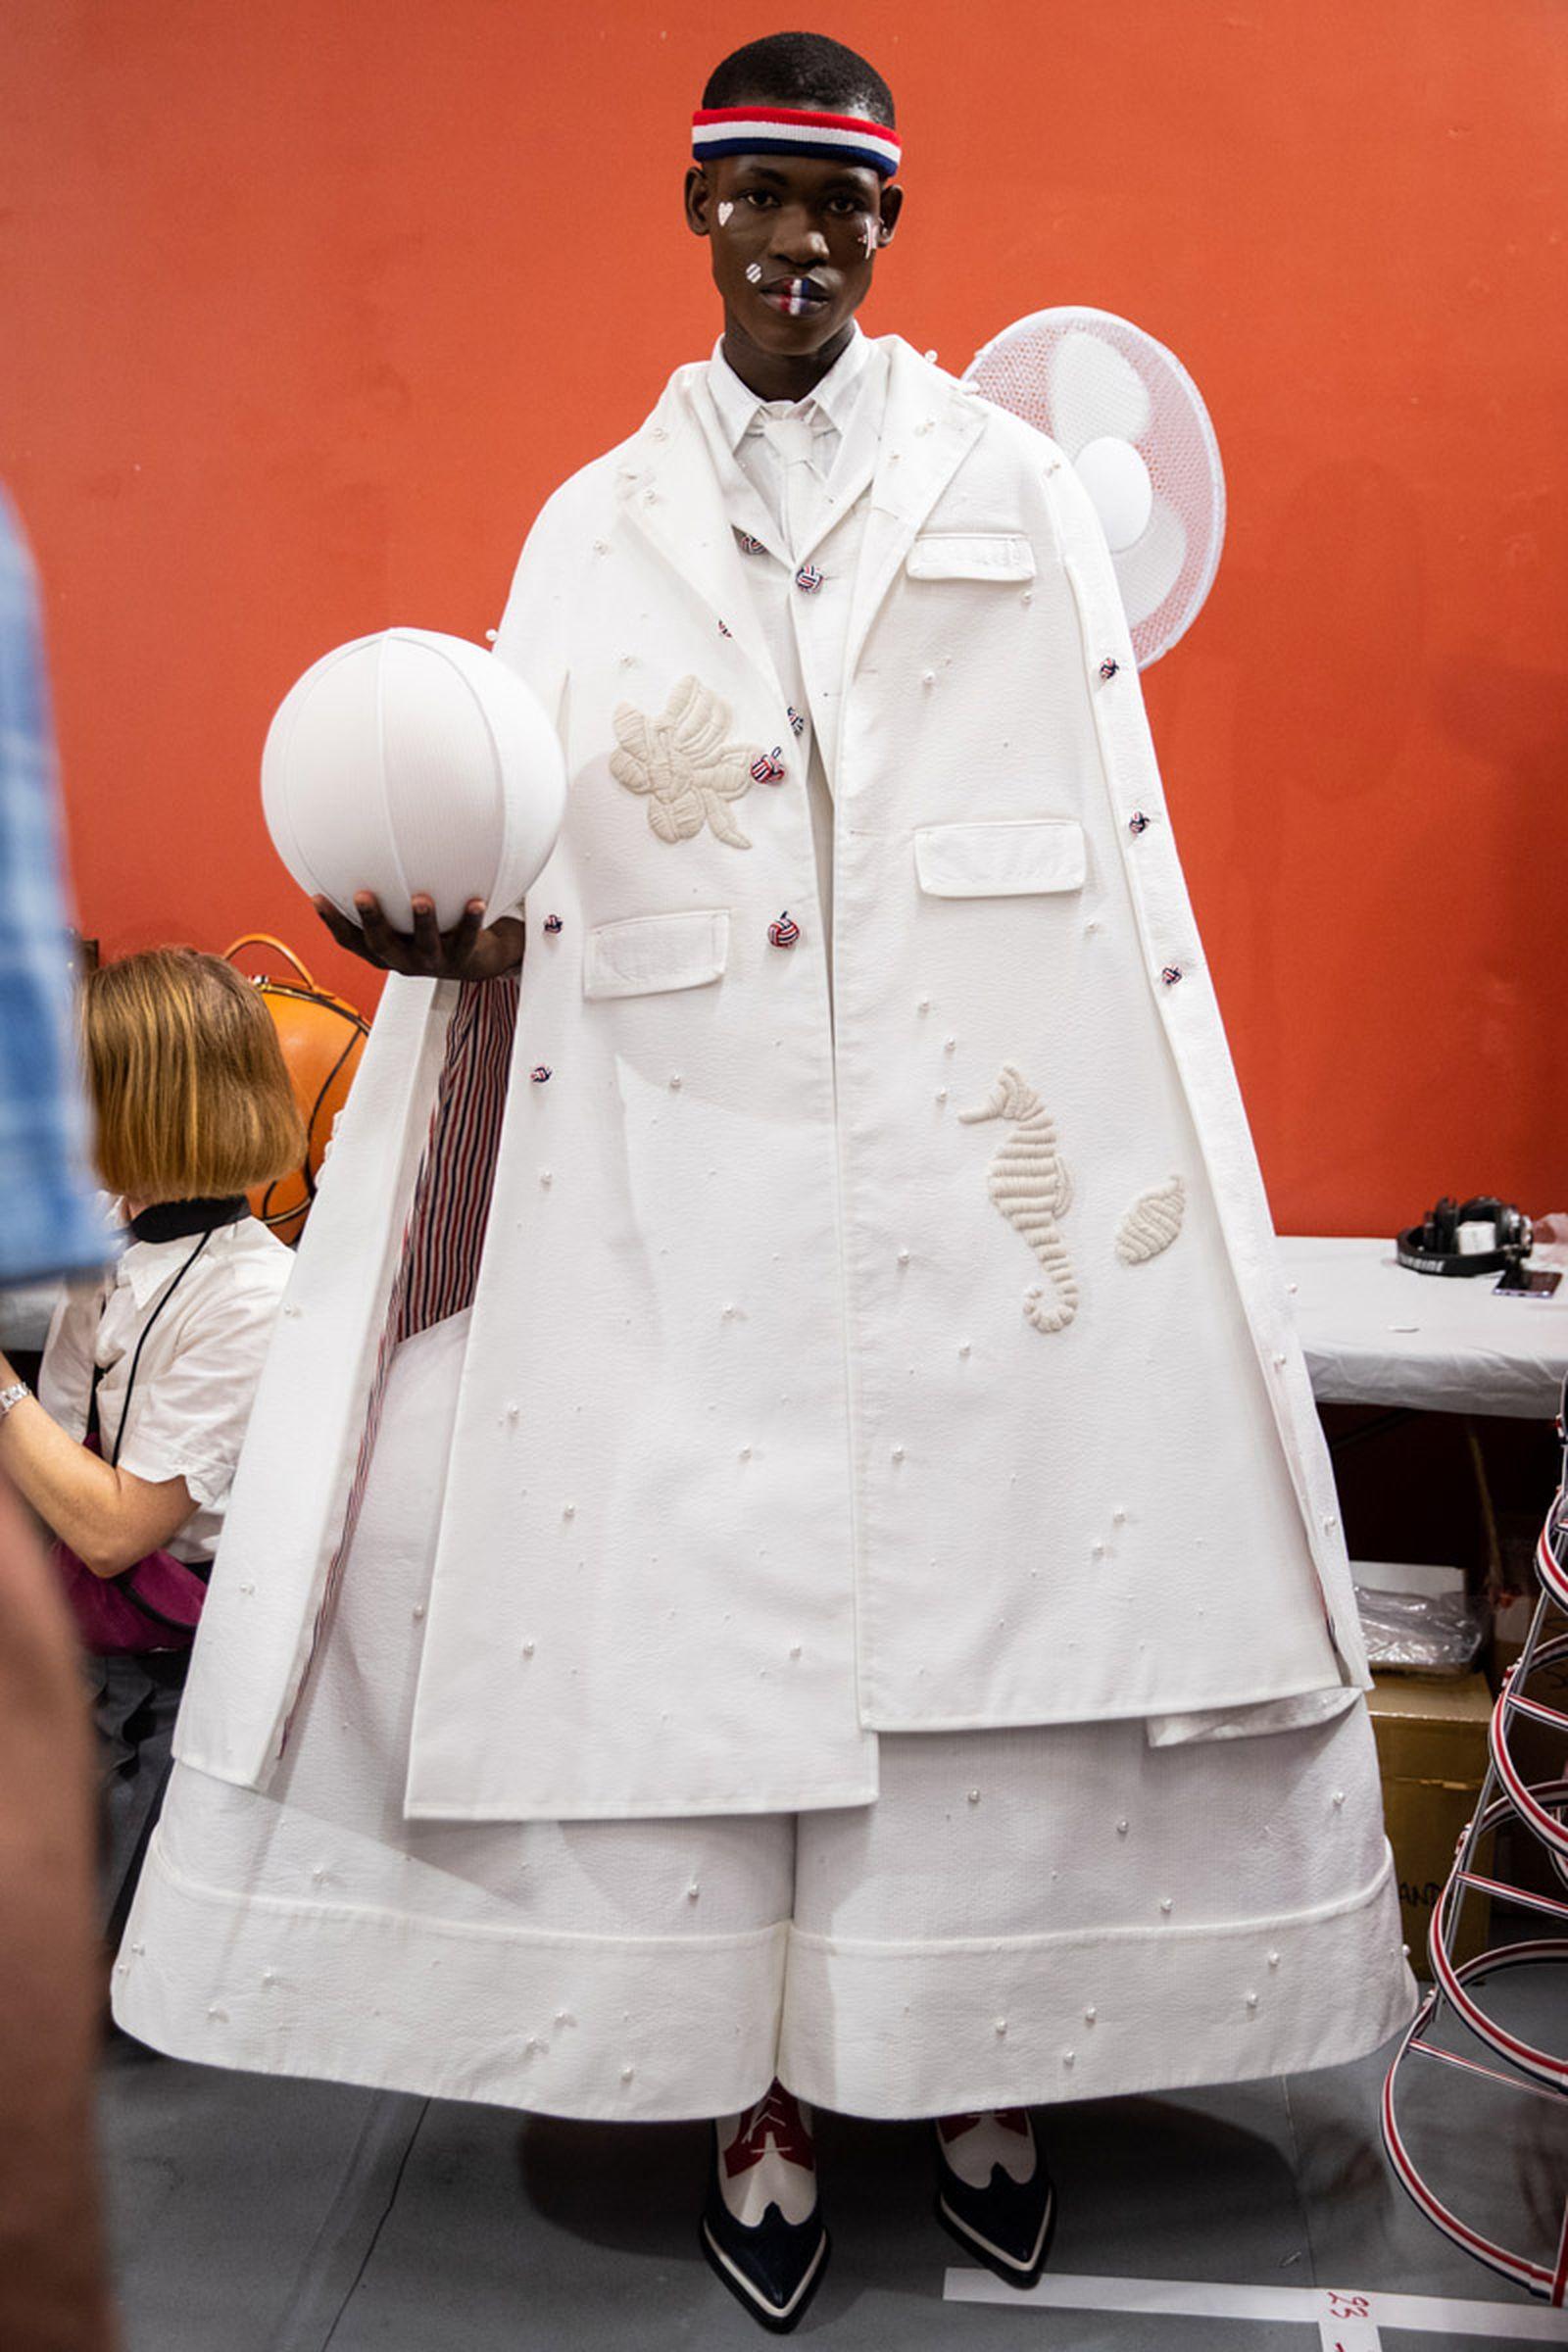 MSS20 Paris Thom Browne Eva Al Desnudo For web 19 paris fashion week runway